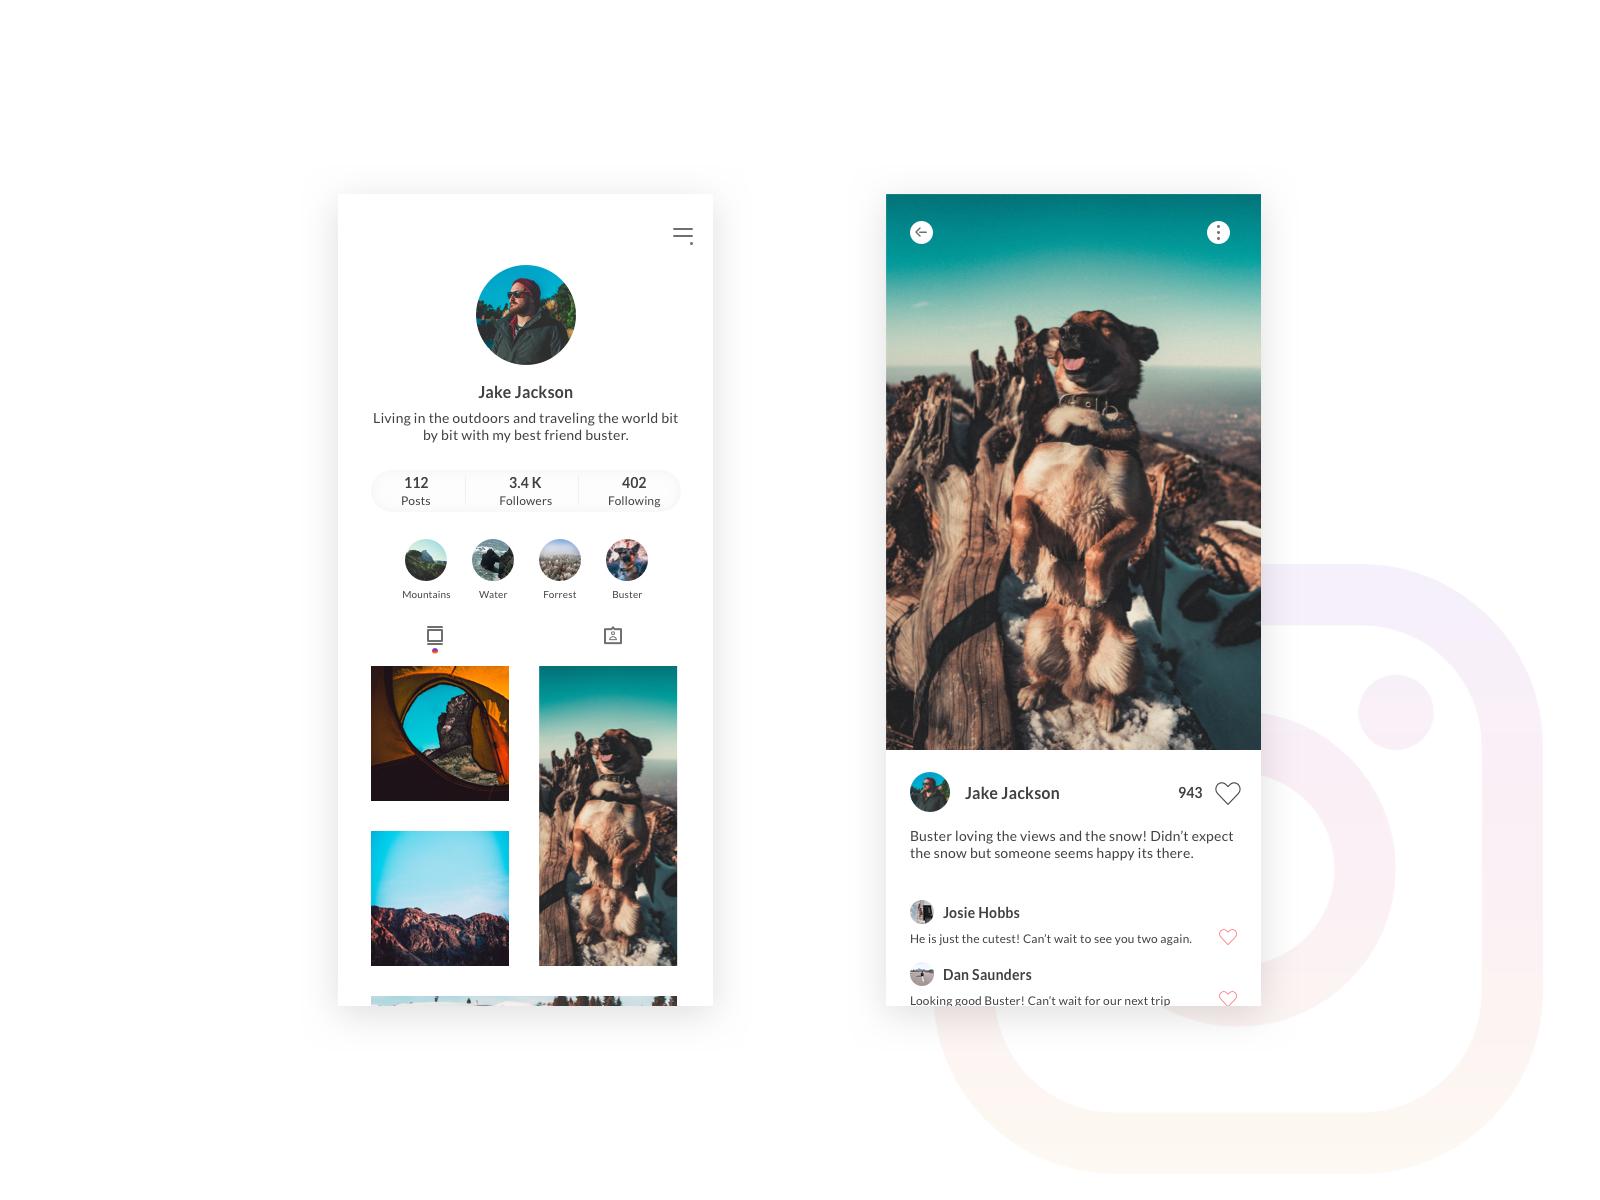 Neues profil design instagram 3 Ways